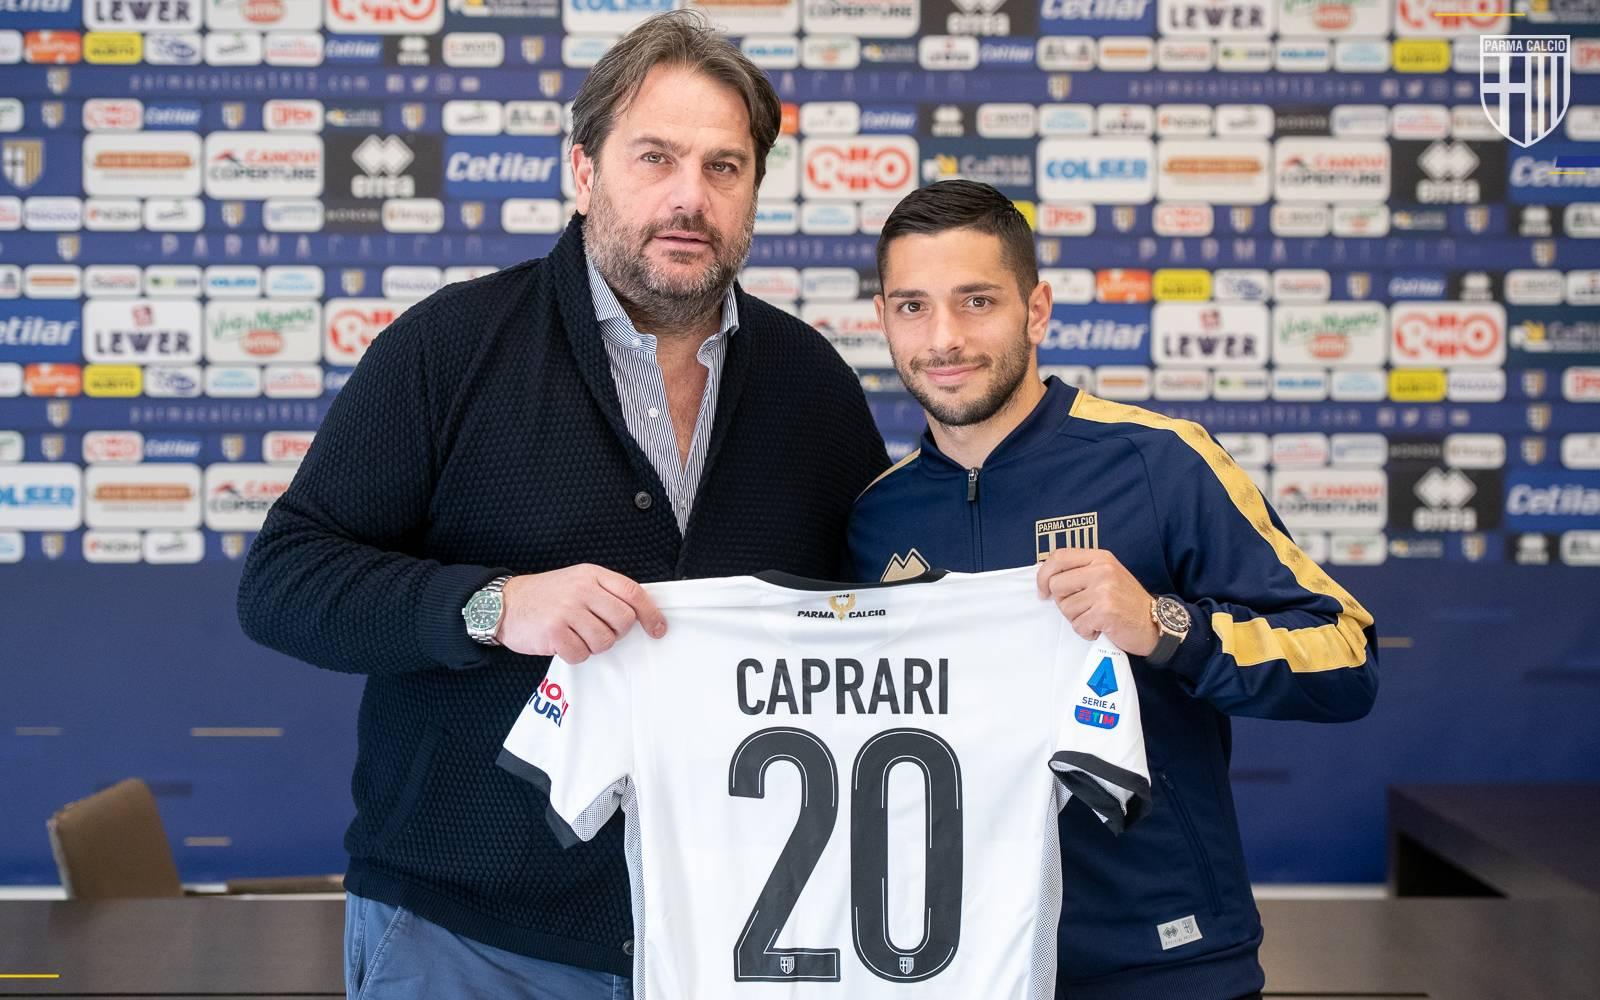 CAPRARI: «Il Parma mi ha voluto più di tutti, cerco continuità ...